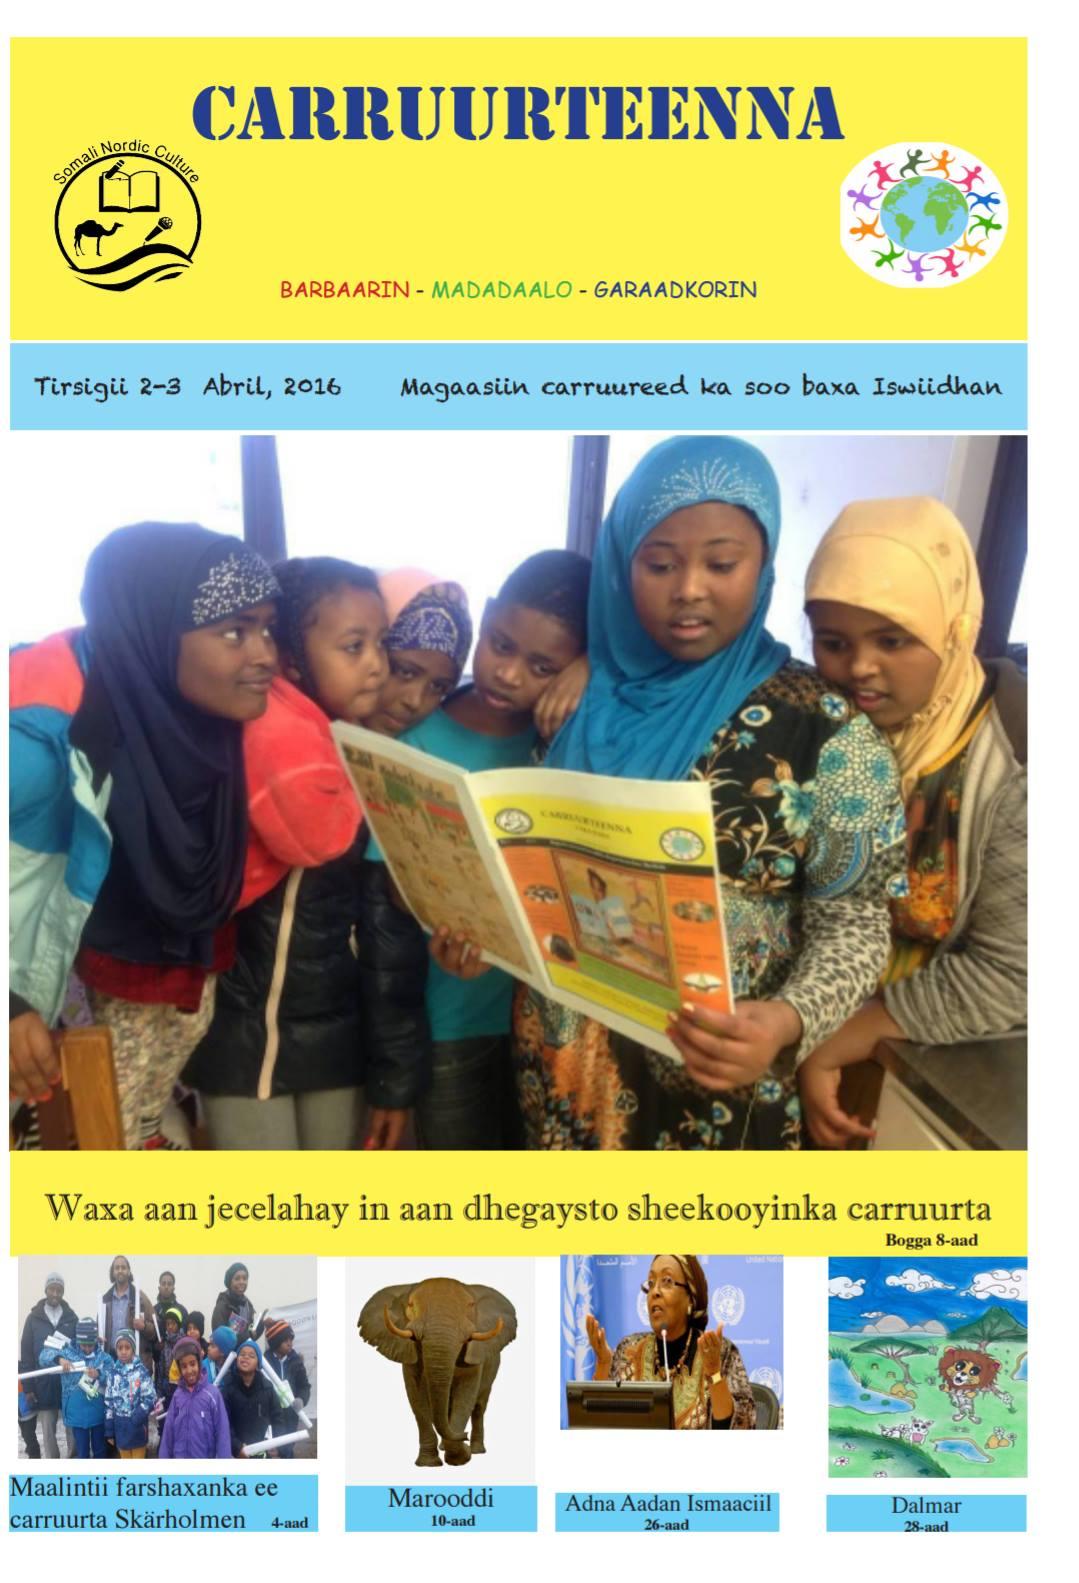 Sveriges barntidning på somaliska